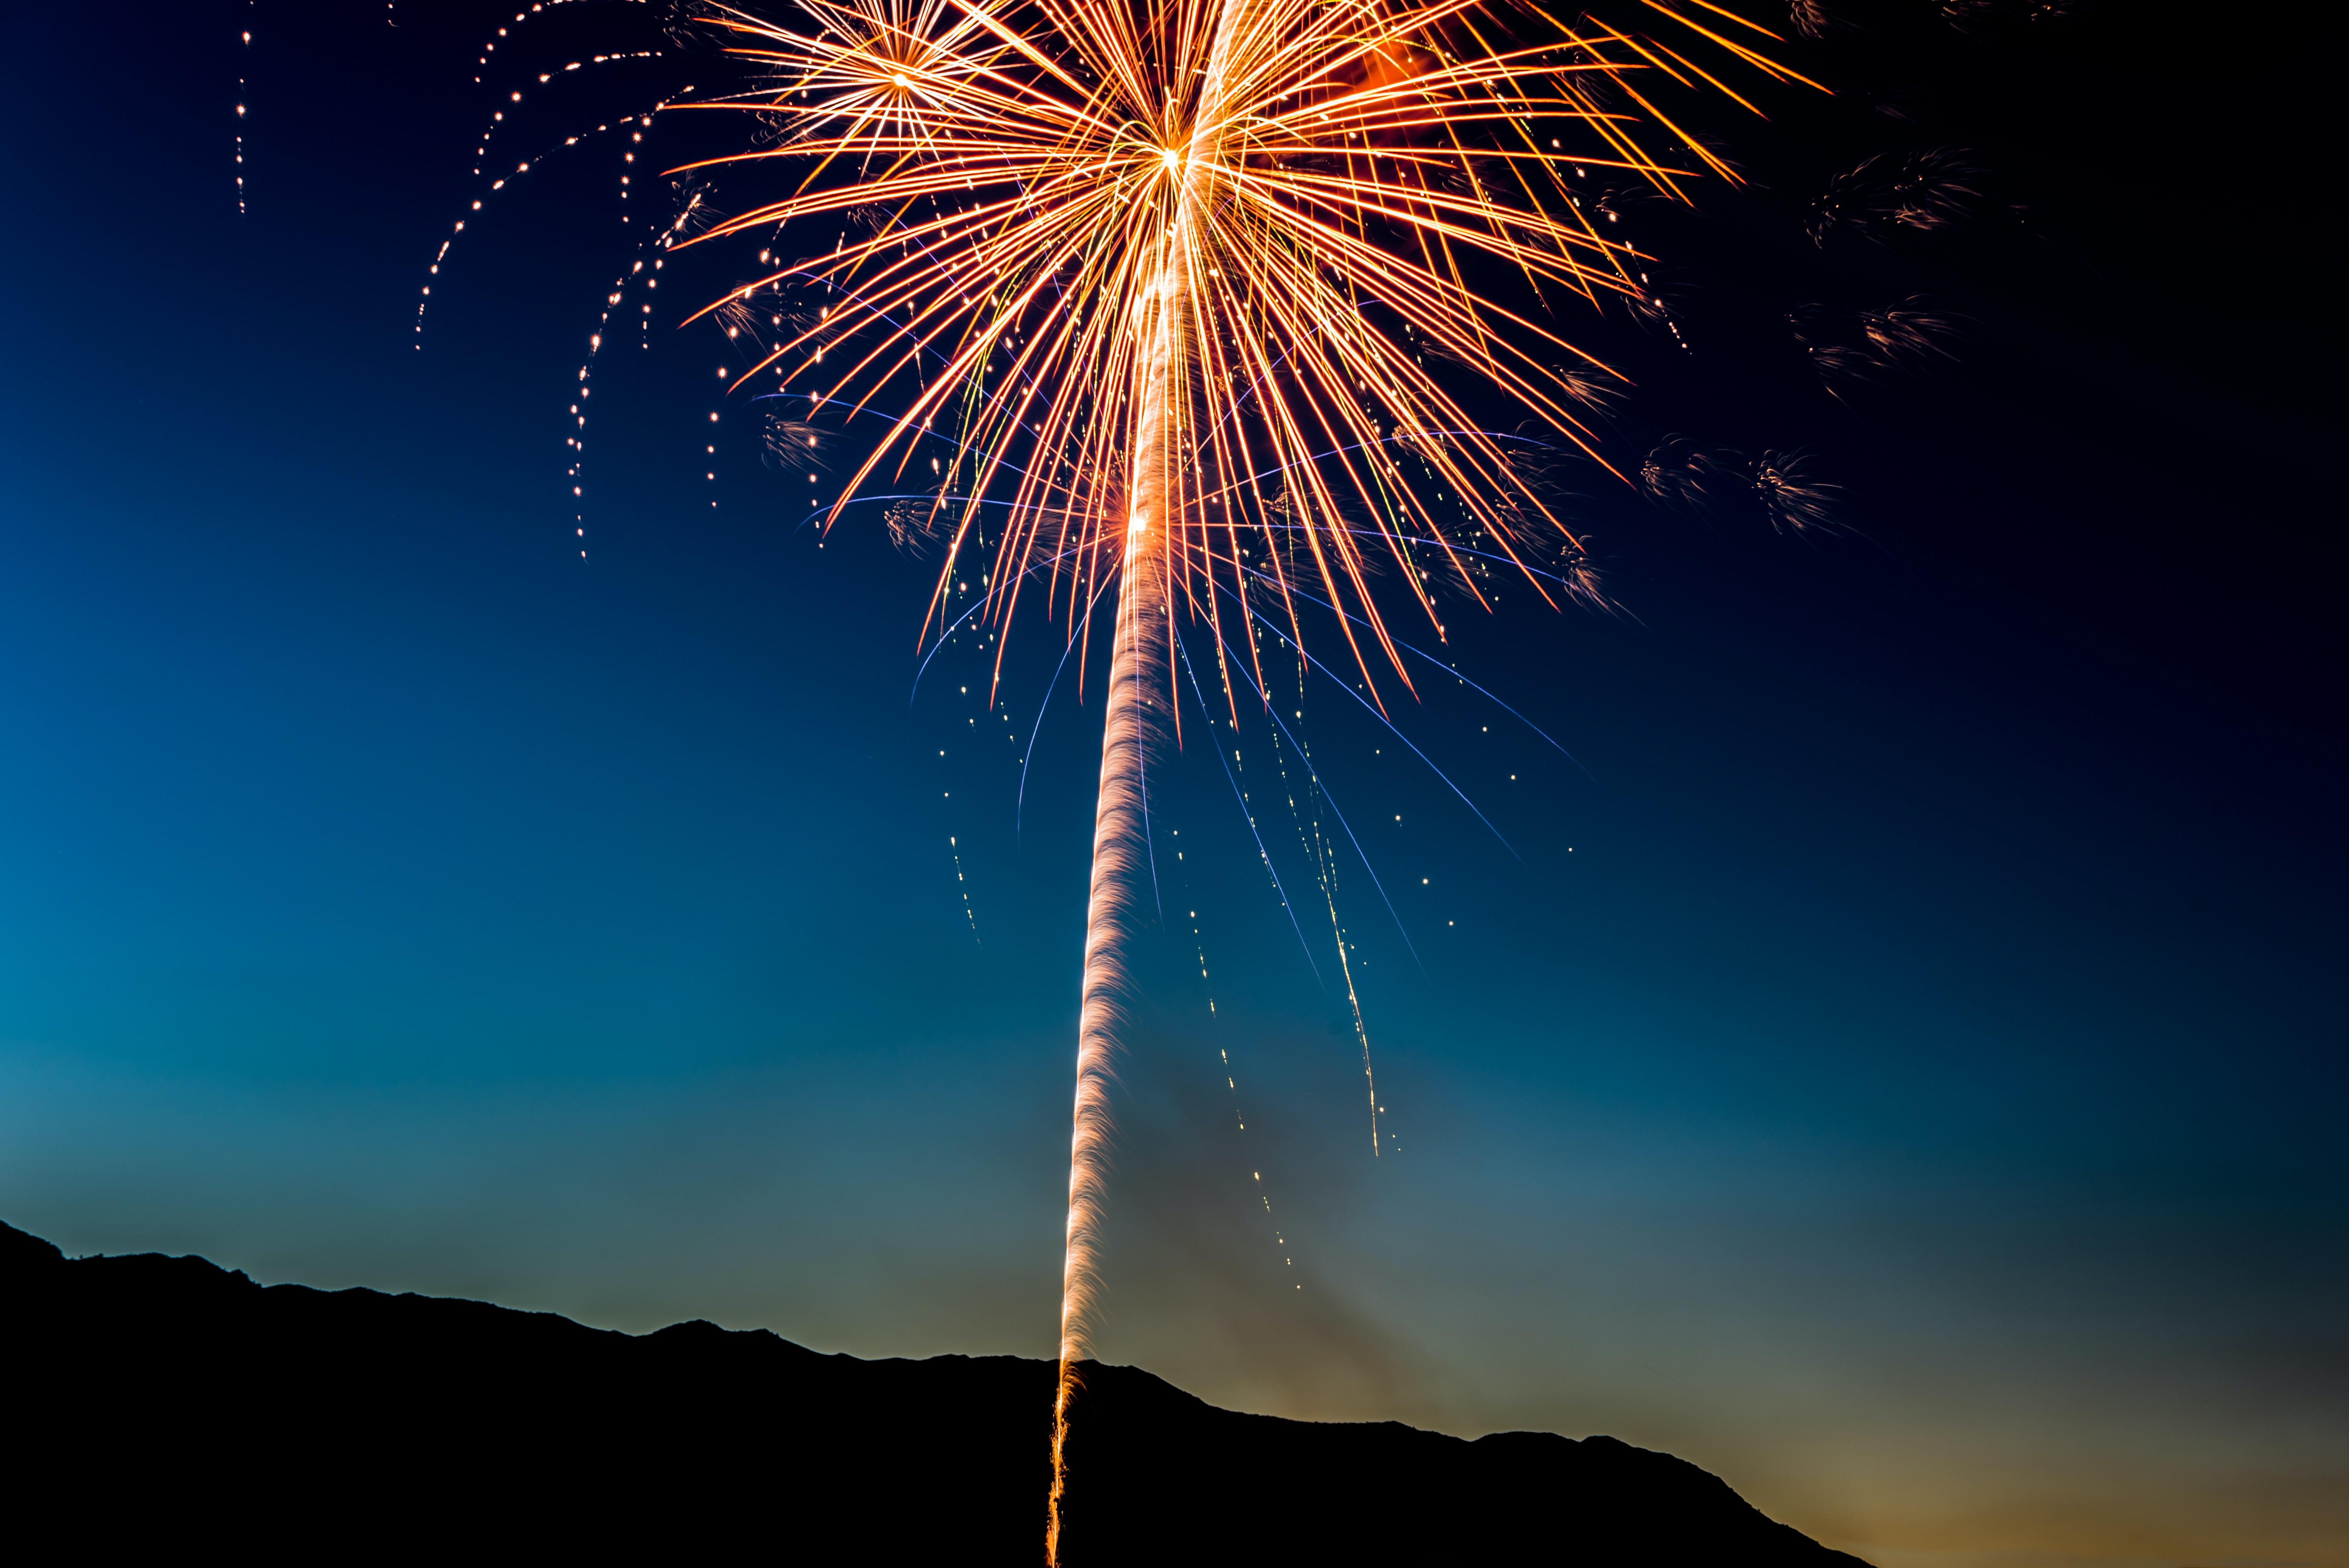 Fireworks in the night sky over Bridgeport